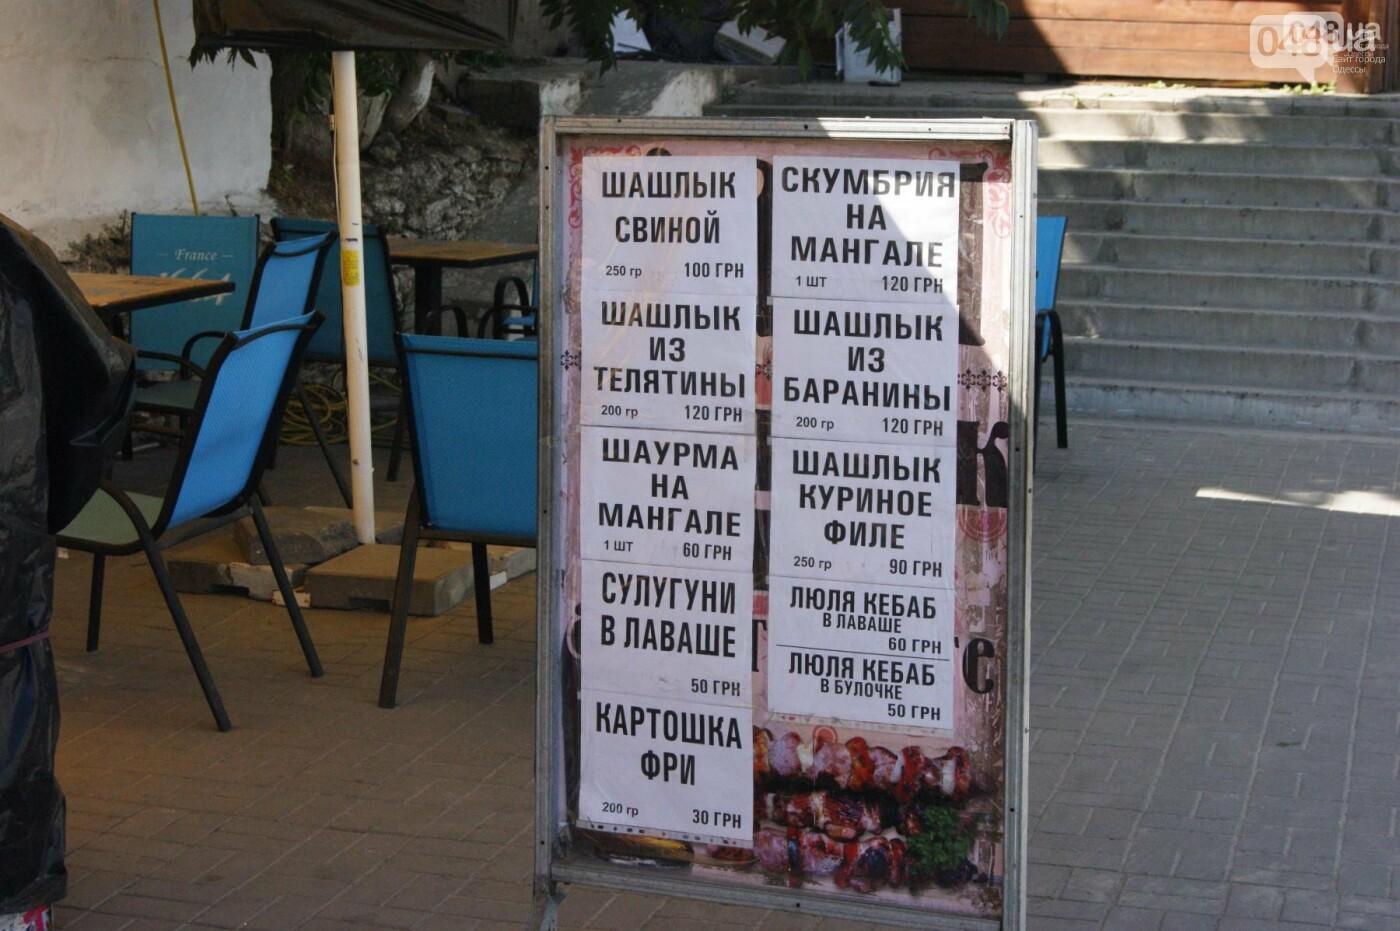 Сколько стоит пообедать в Аркадии: ищем недорогие вкусные варианты, - ФОТО, фото-6